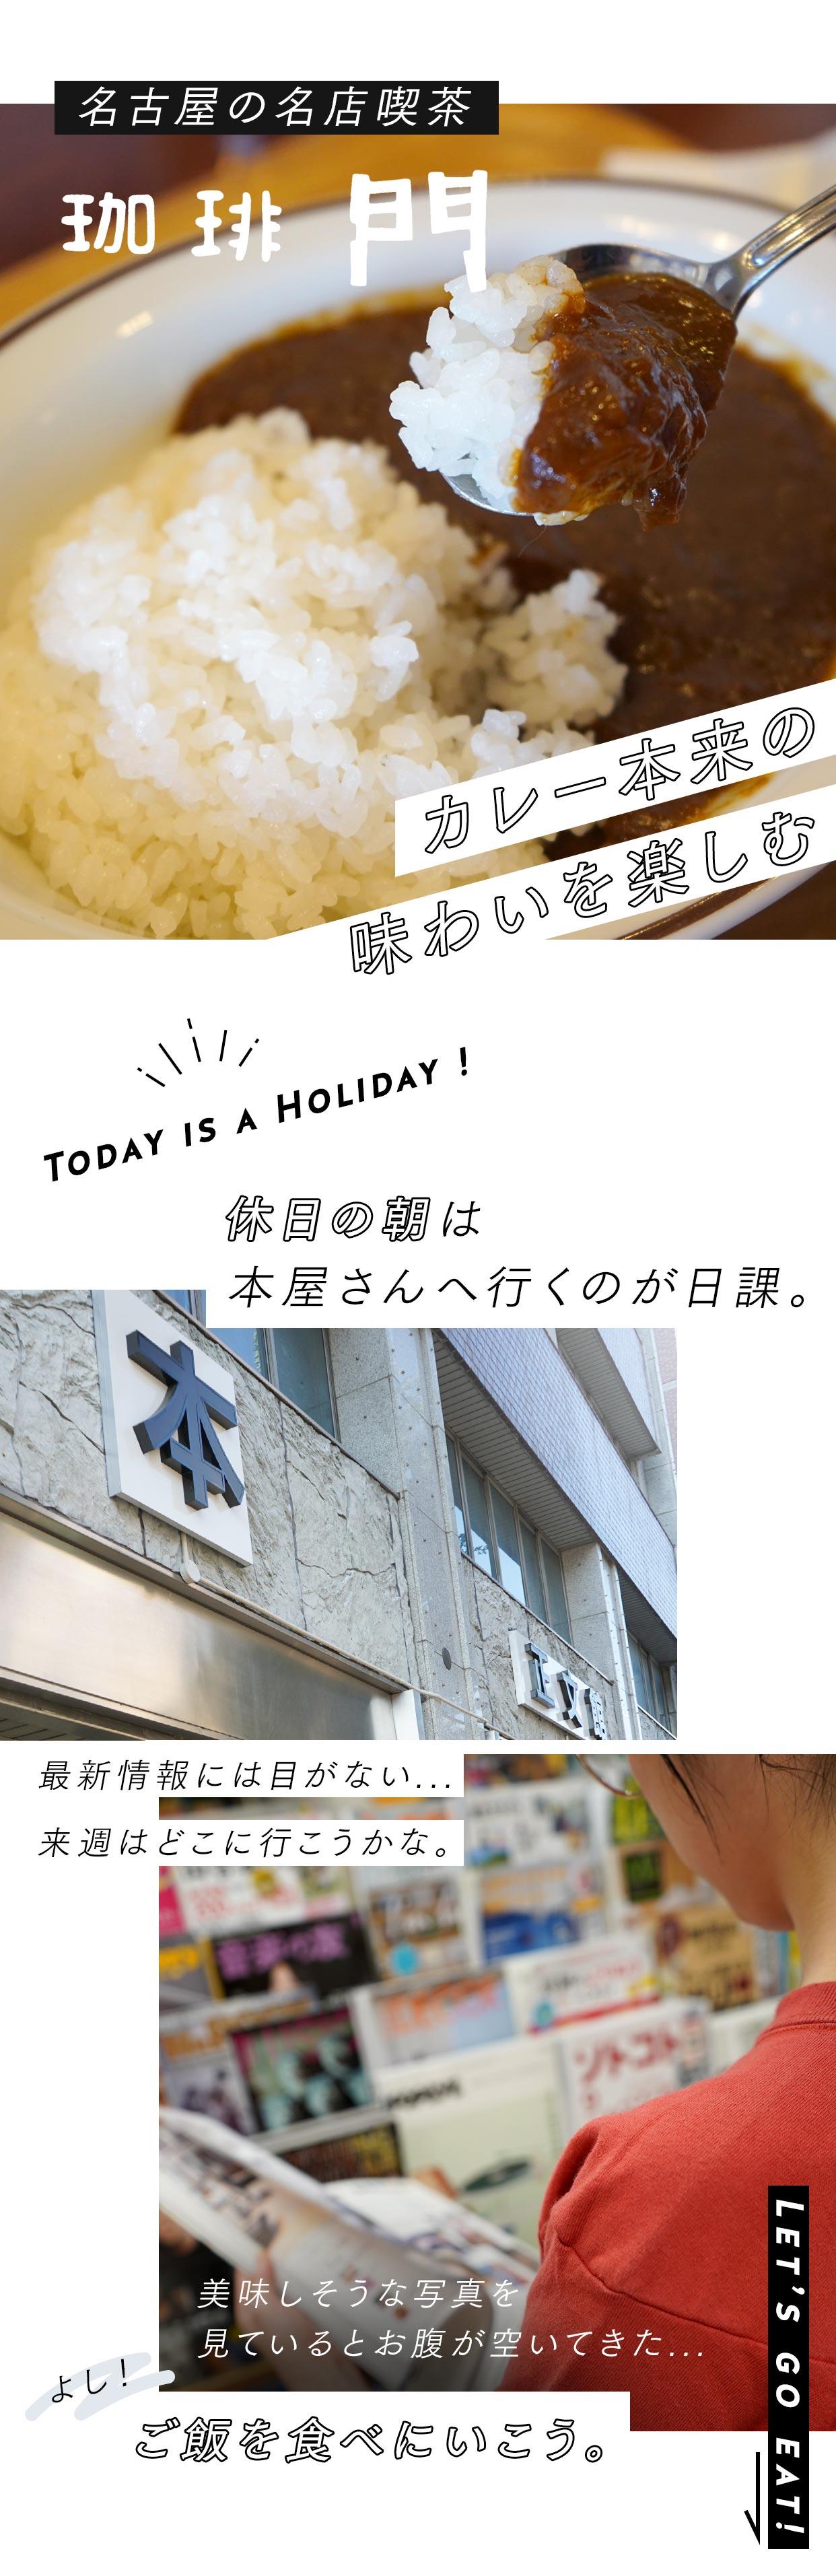 シンプルだからこそ、カレー本来の味わいが楽しめる。名古屋のカレーなら「珈琲 門」 - 9CC0A5CE 481D 4A14 A498 7FA06EF0E0D3